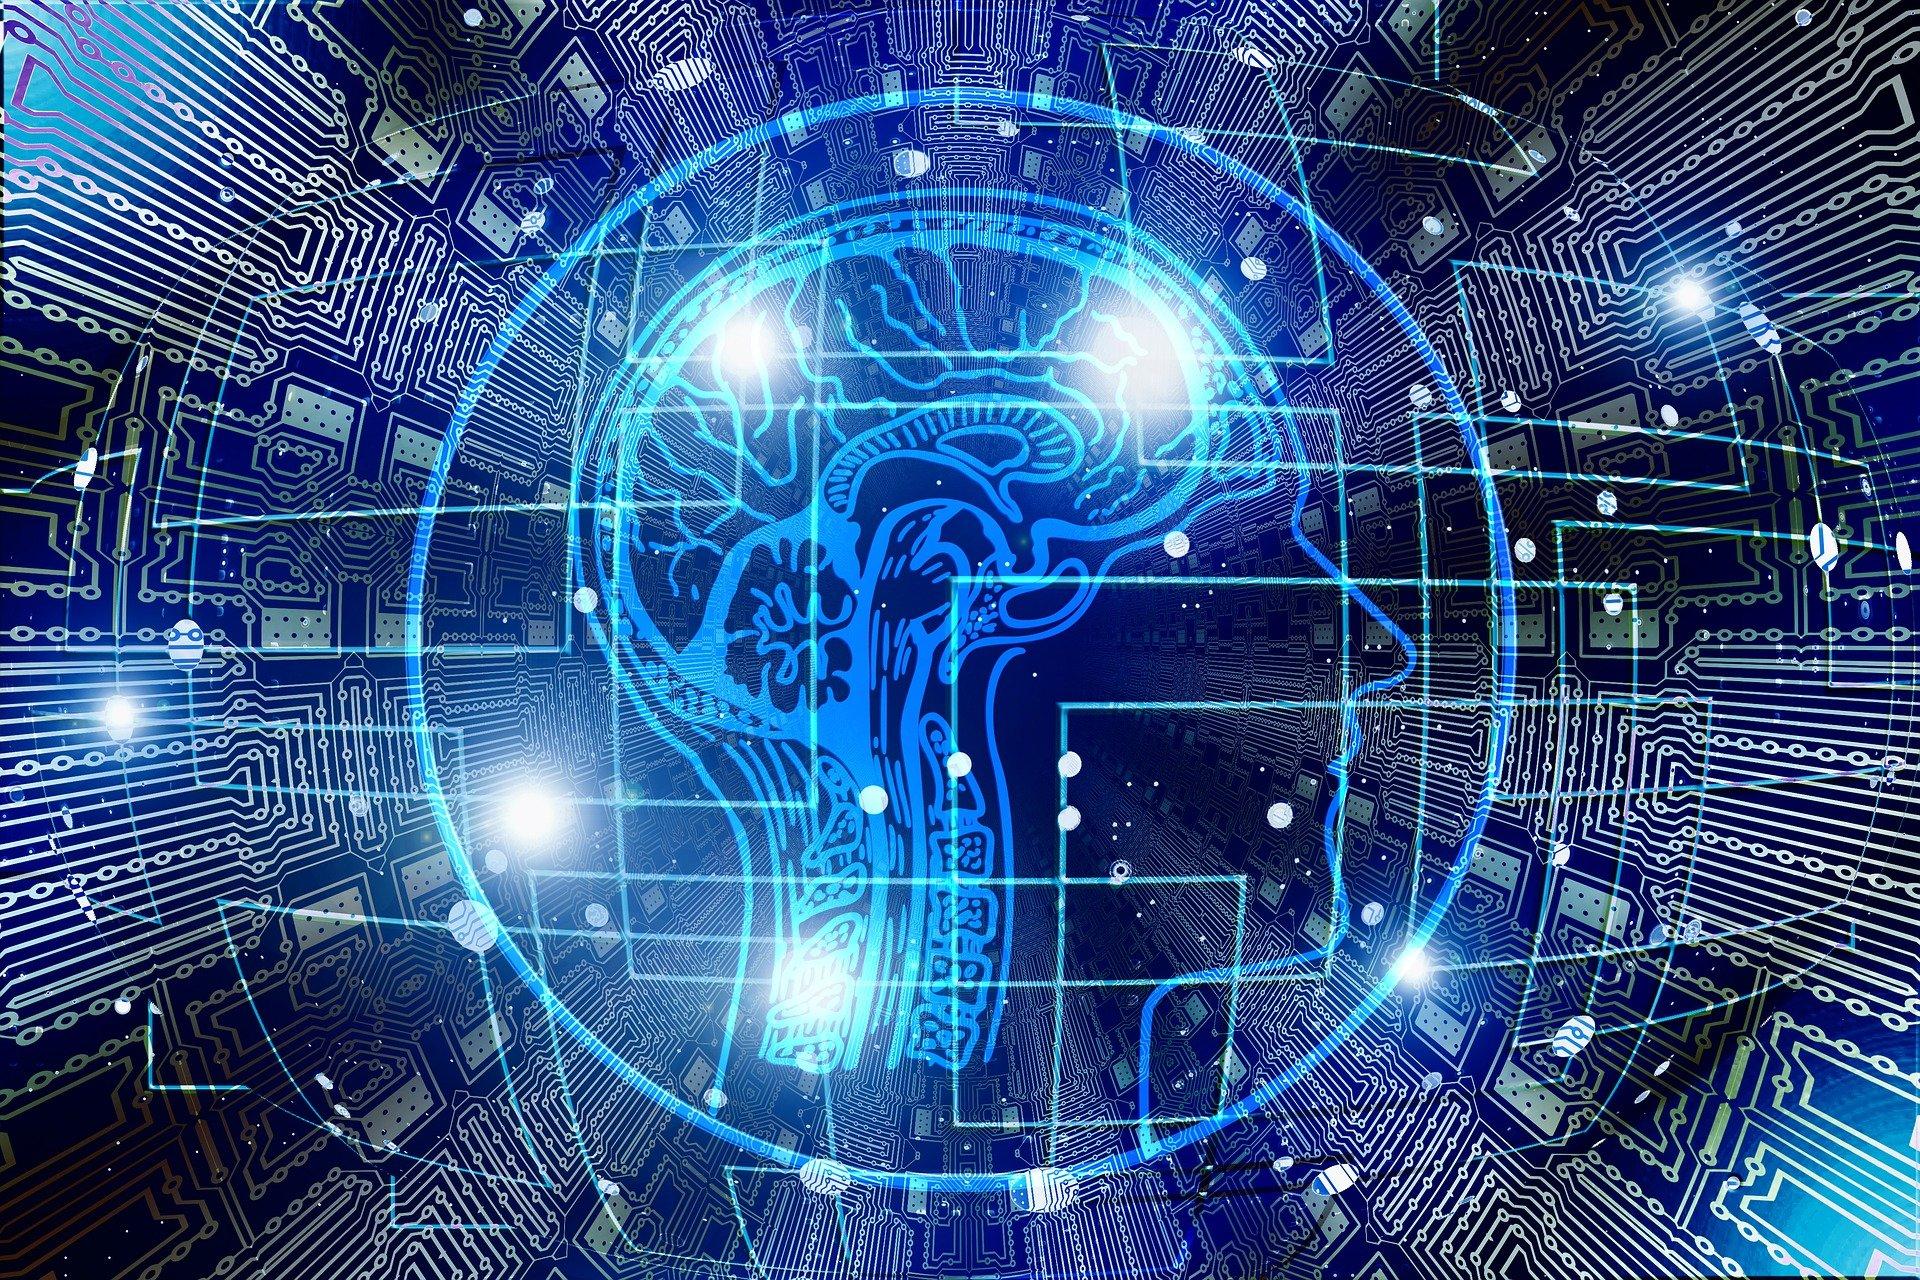 Digitalisierung und Handystrahlung schaden dem Gedächtnis